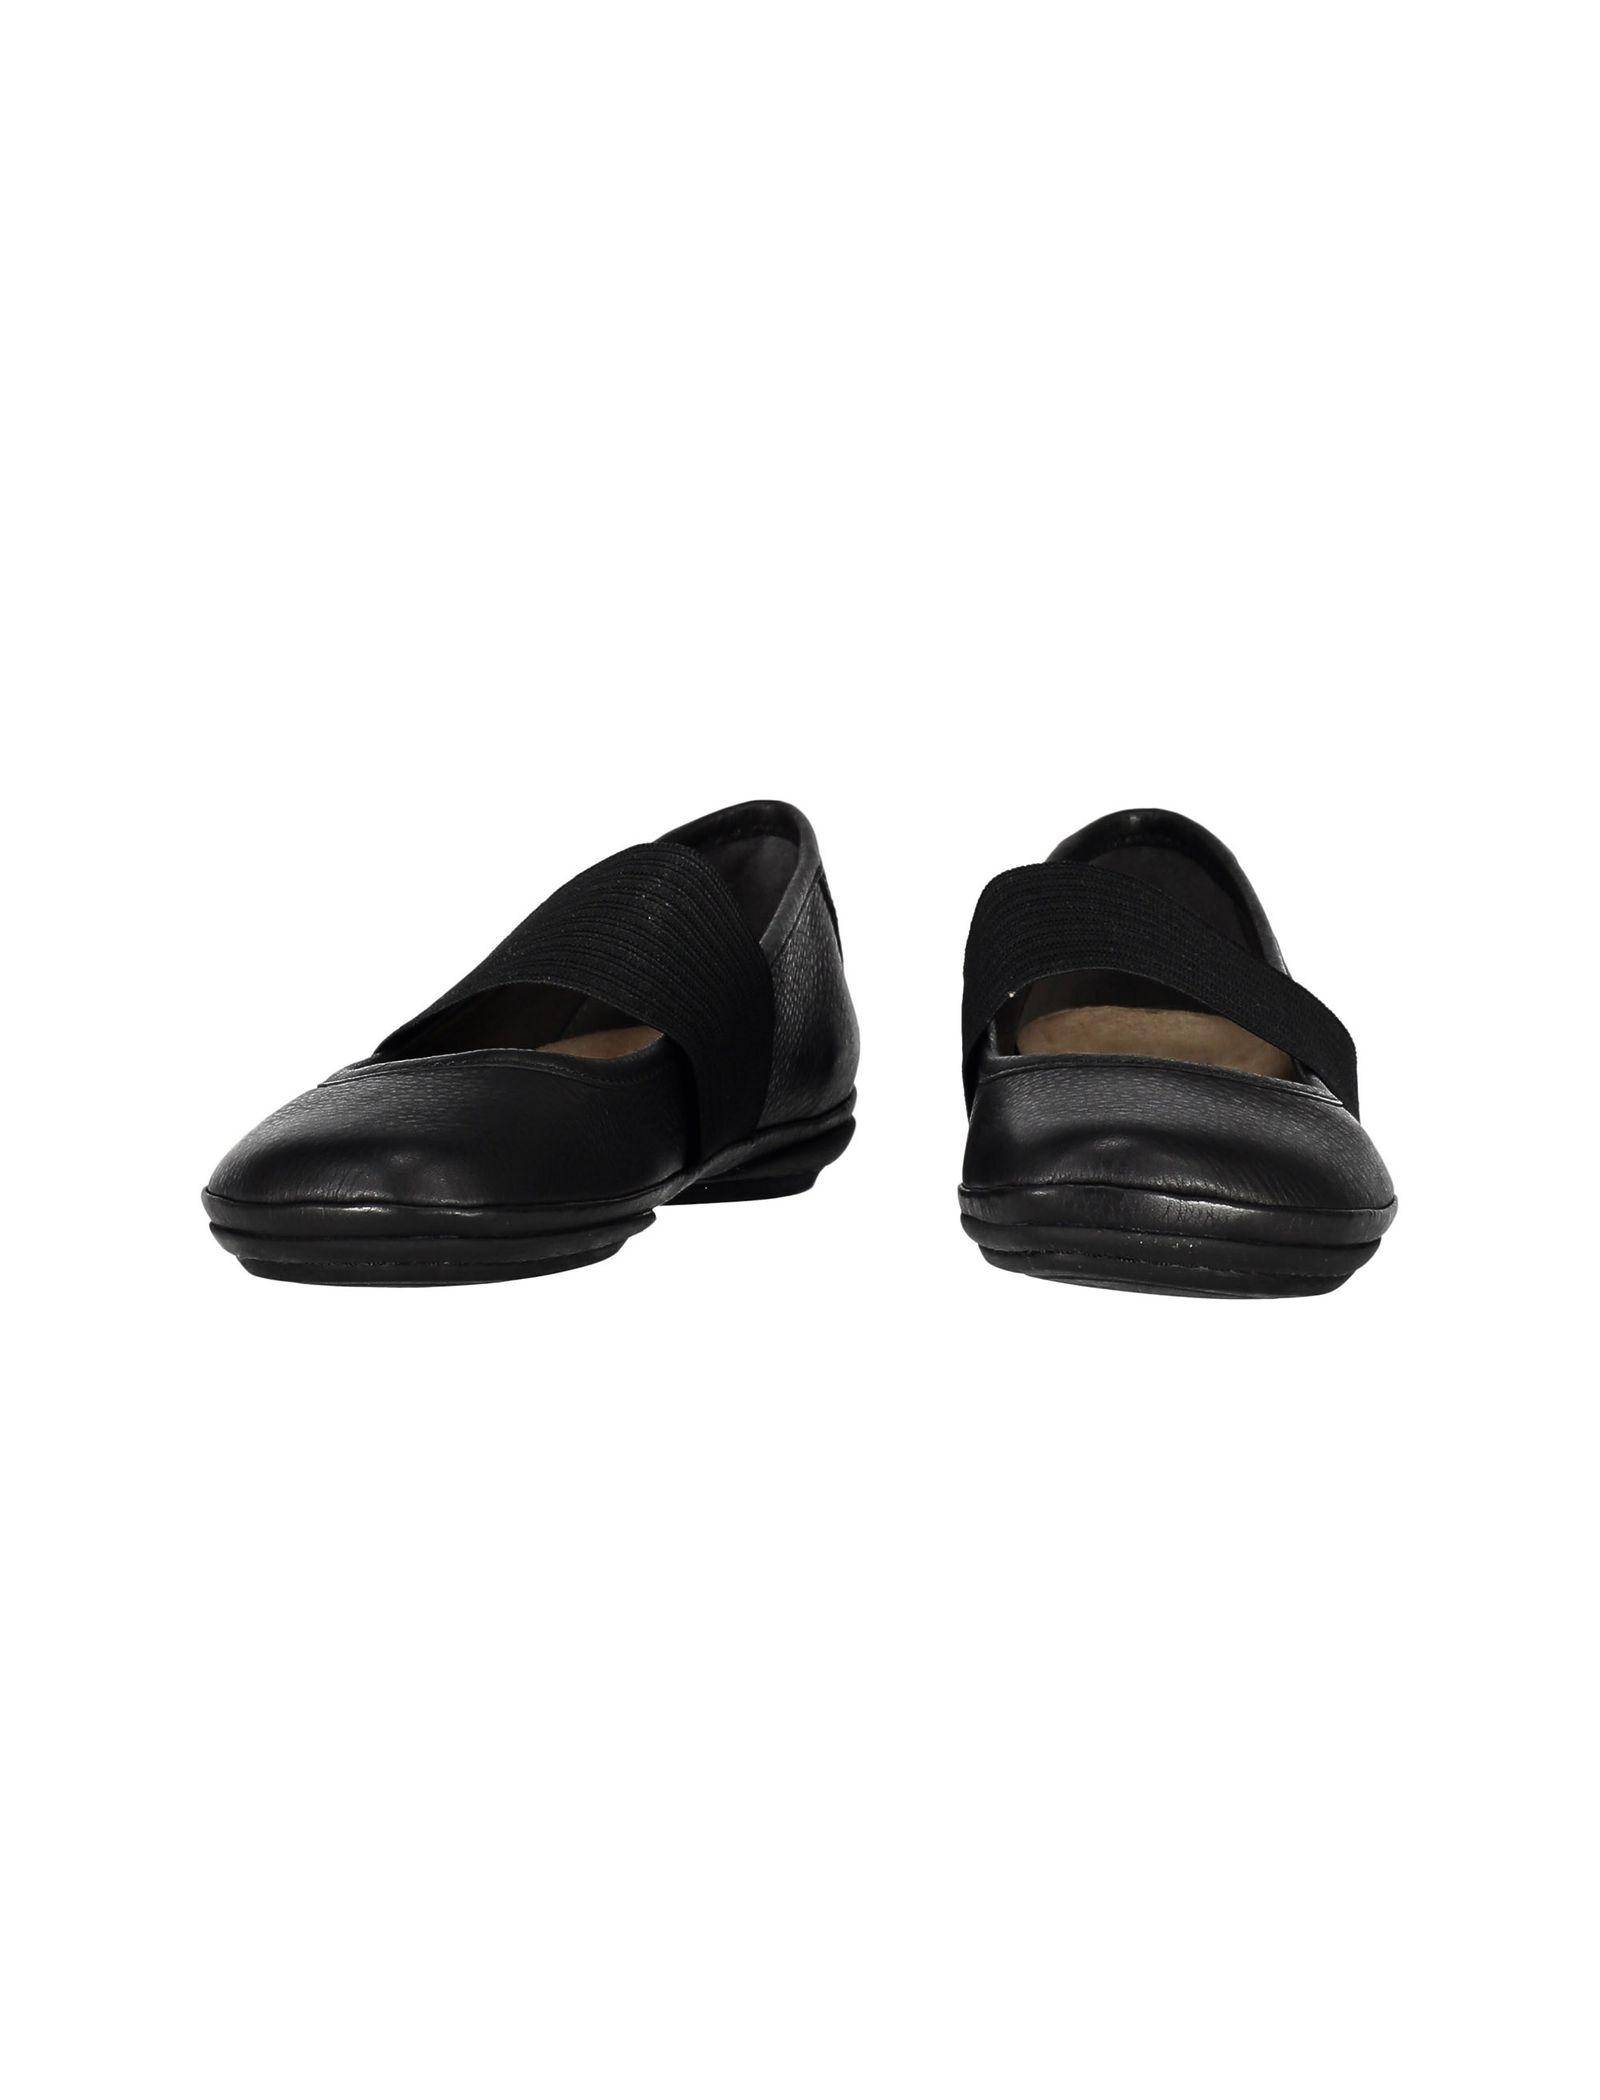 کفش تخت چرم زنانه - کمپر - مشکي - 4